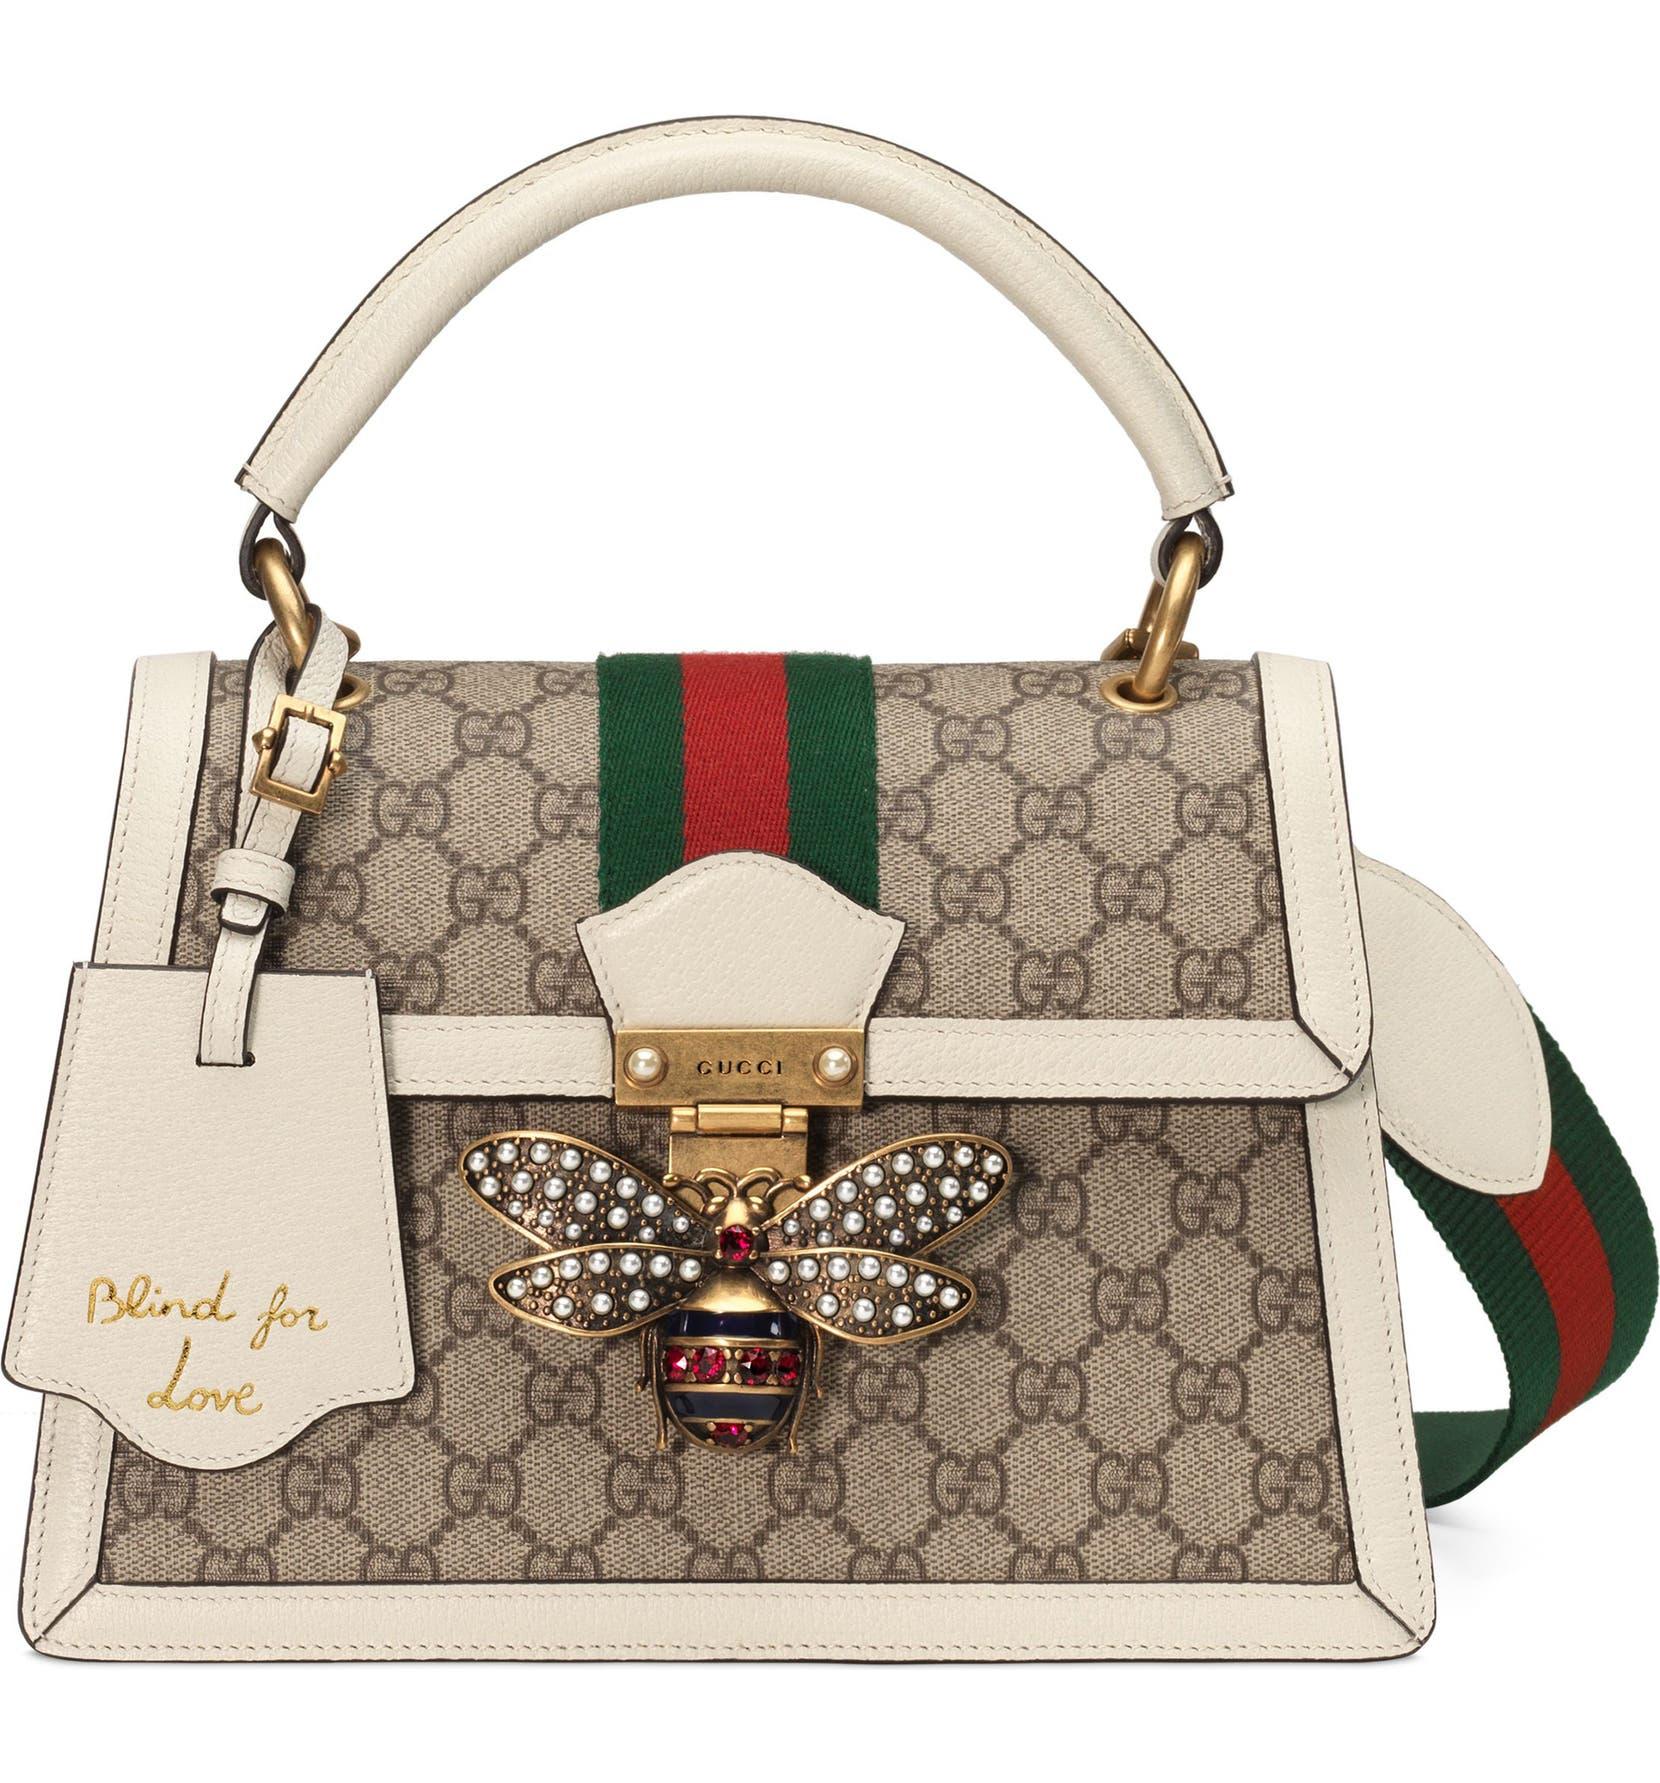 4080fe6a93d4 Gucci Queen Margaret GG Top Handle Satchel | Nordstrom